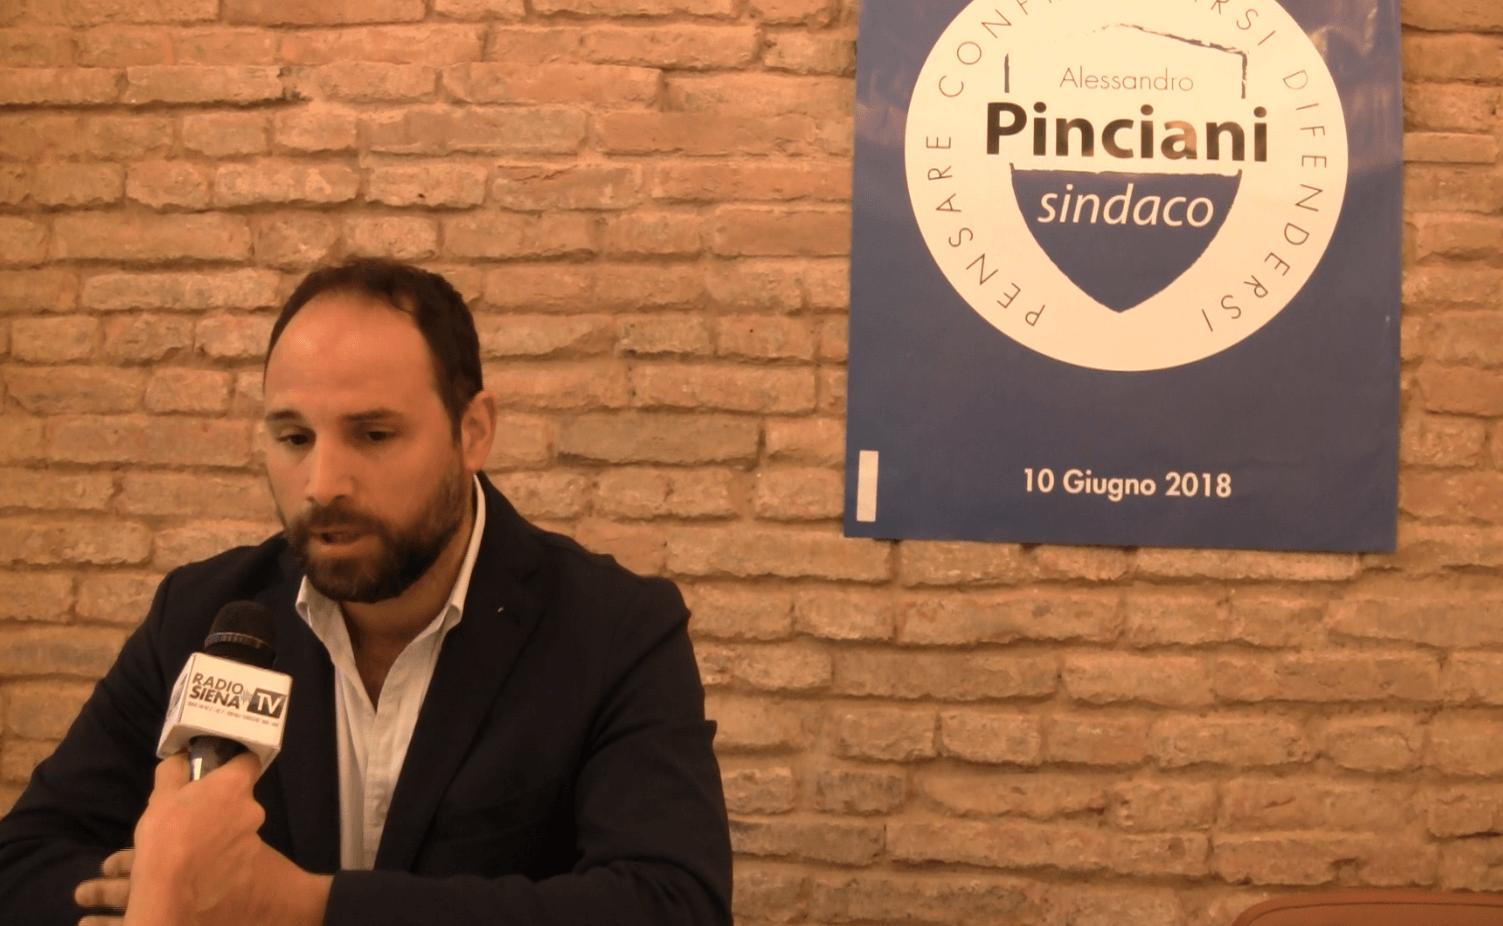 """Pinciani a Siena Tv: """"Ho amministrato bene in Provincia, valutatemi per questo. Monaciano? Sì, è garanzia di onestà"""""""